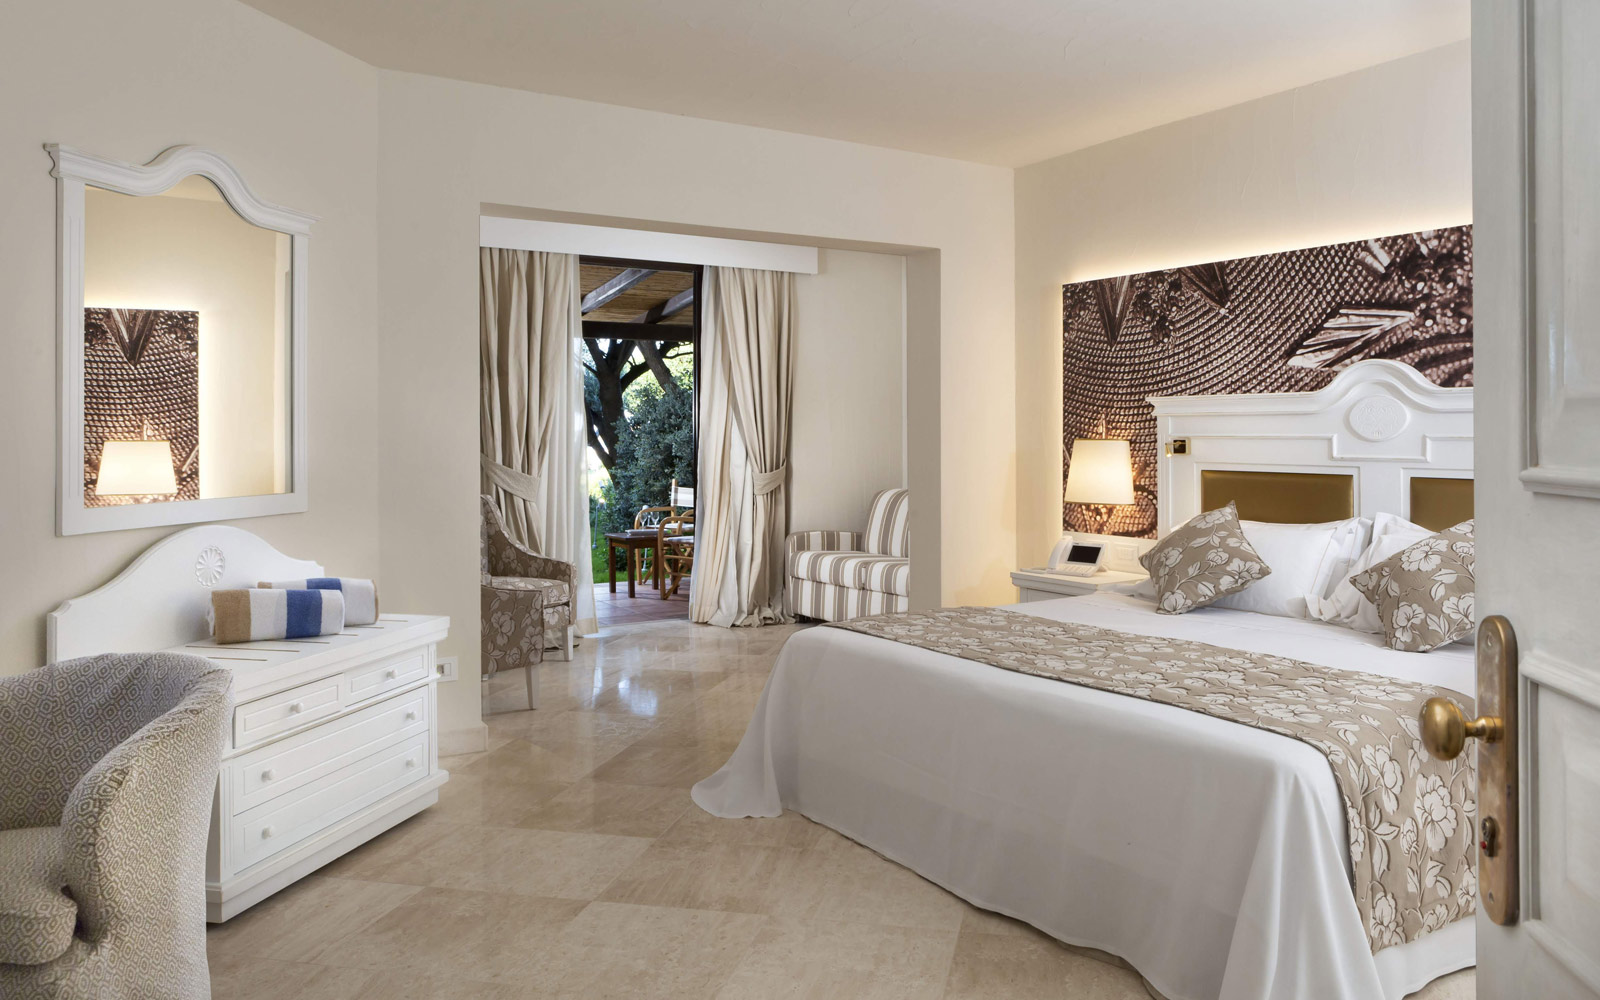 Junior Suite at Hotel Abi D'Oru